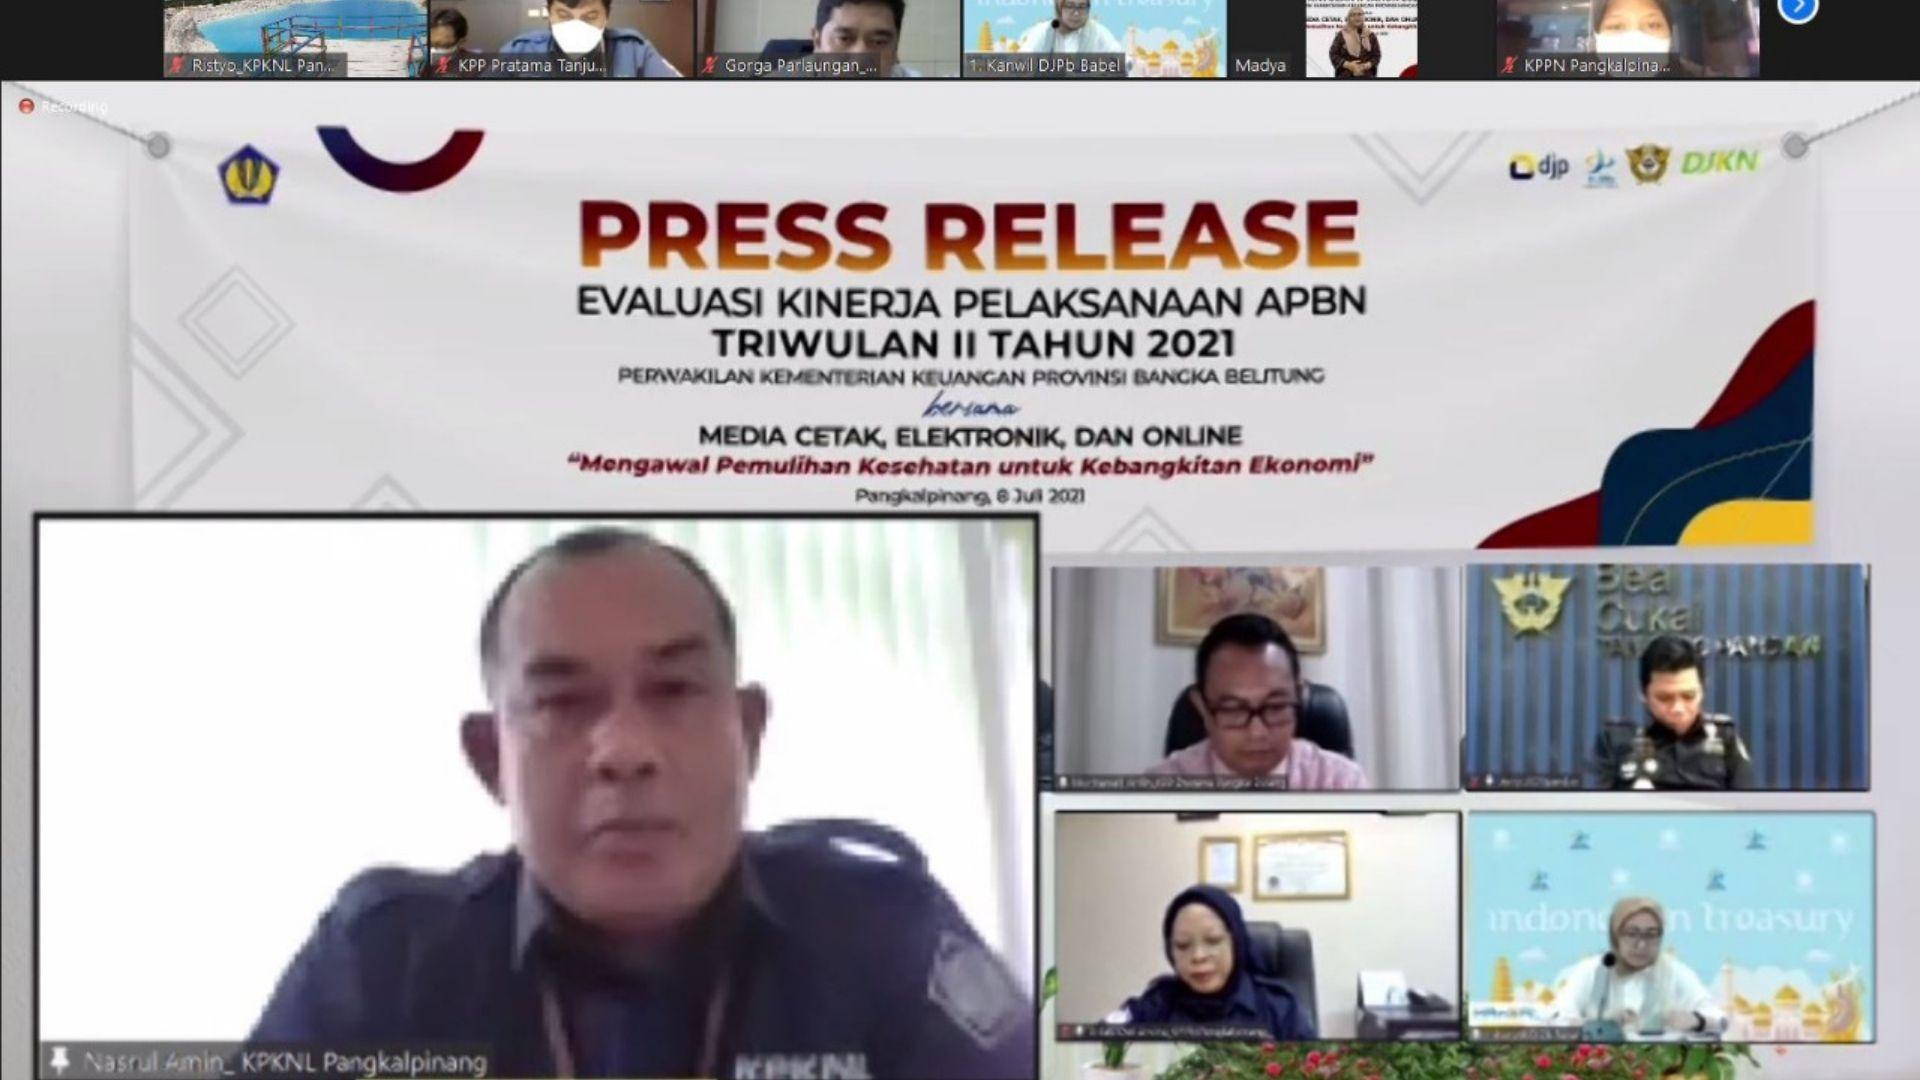 Kemenkeu Perwakilan Provinsi Kepulauan Bangka Belitung Gelar Media Meeting Evaluasi Kinerja Pelaksanaan APBN Triwulan II Tahun 2021